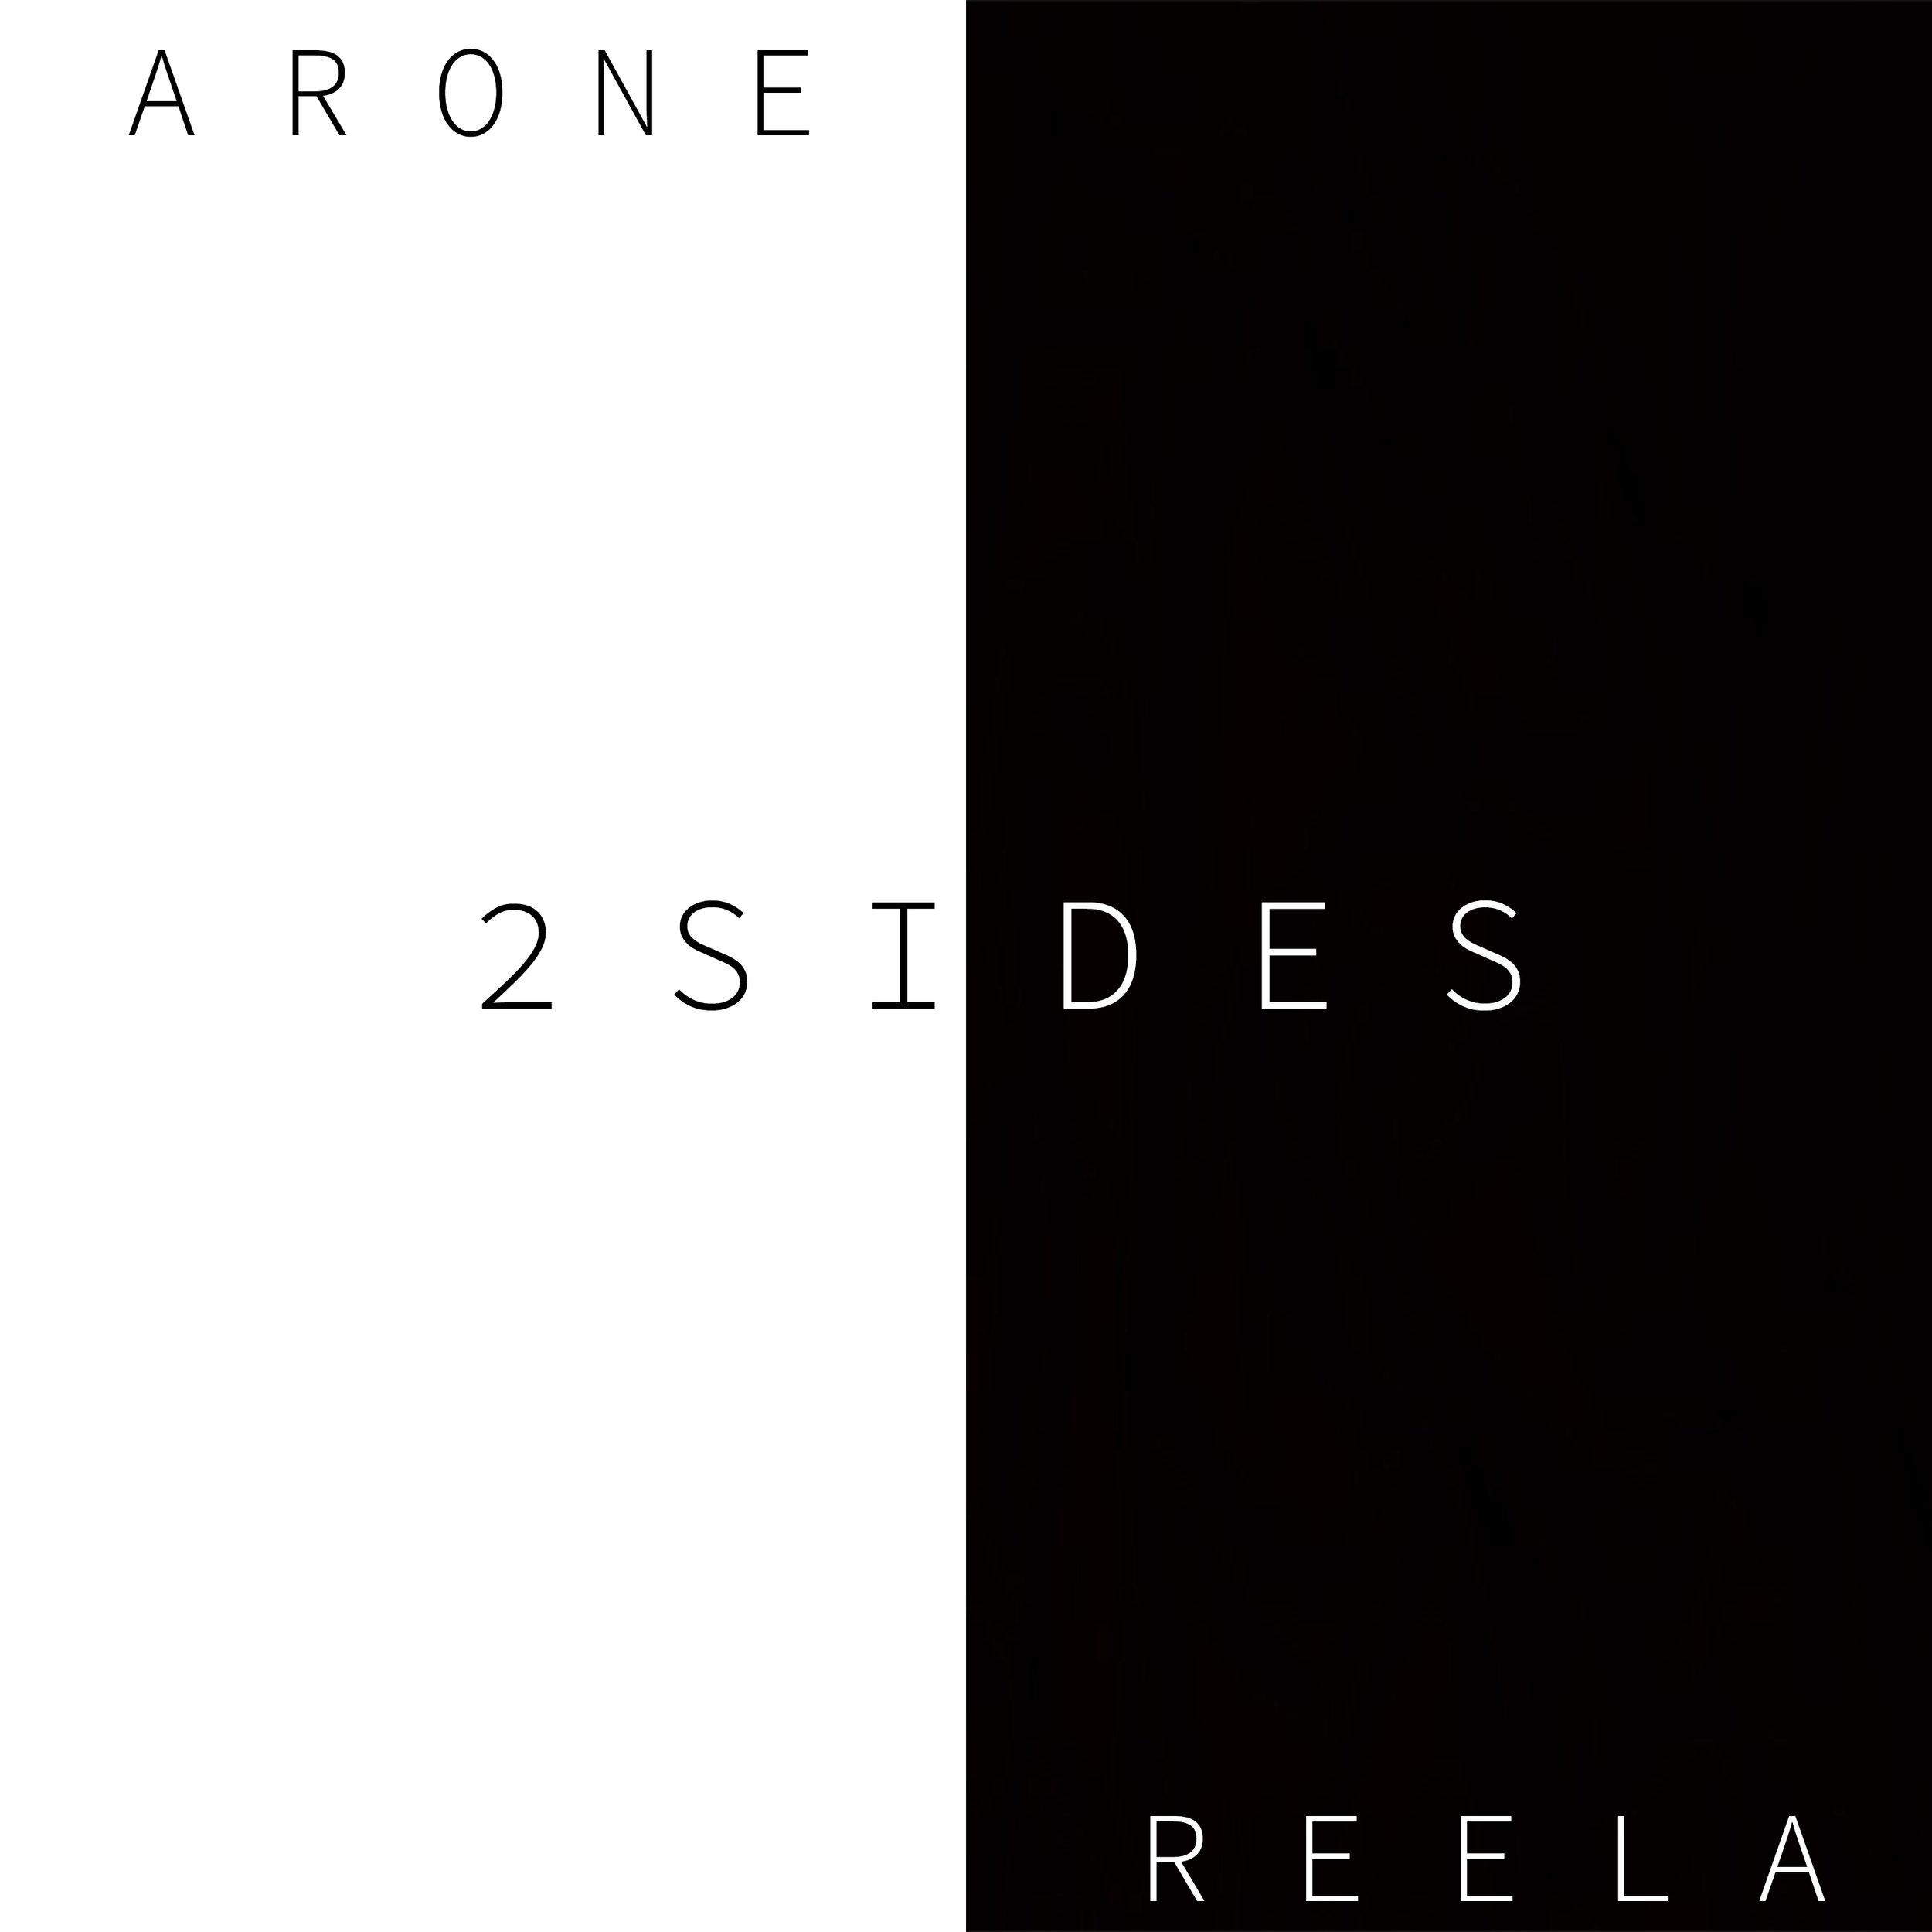 2 SIDES COVER.jpg